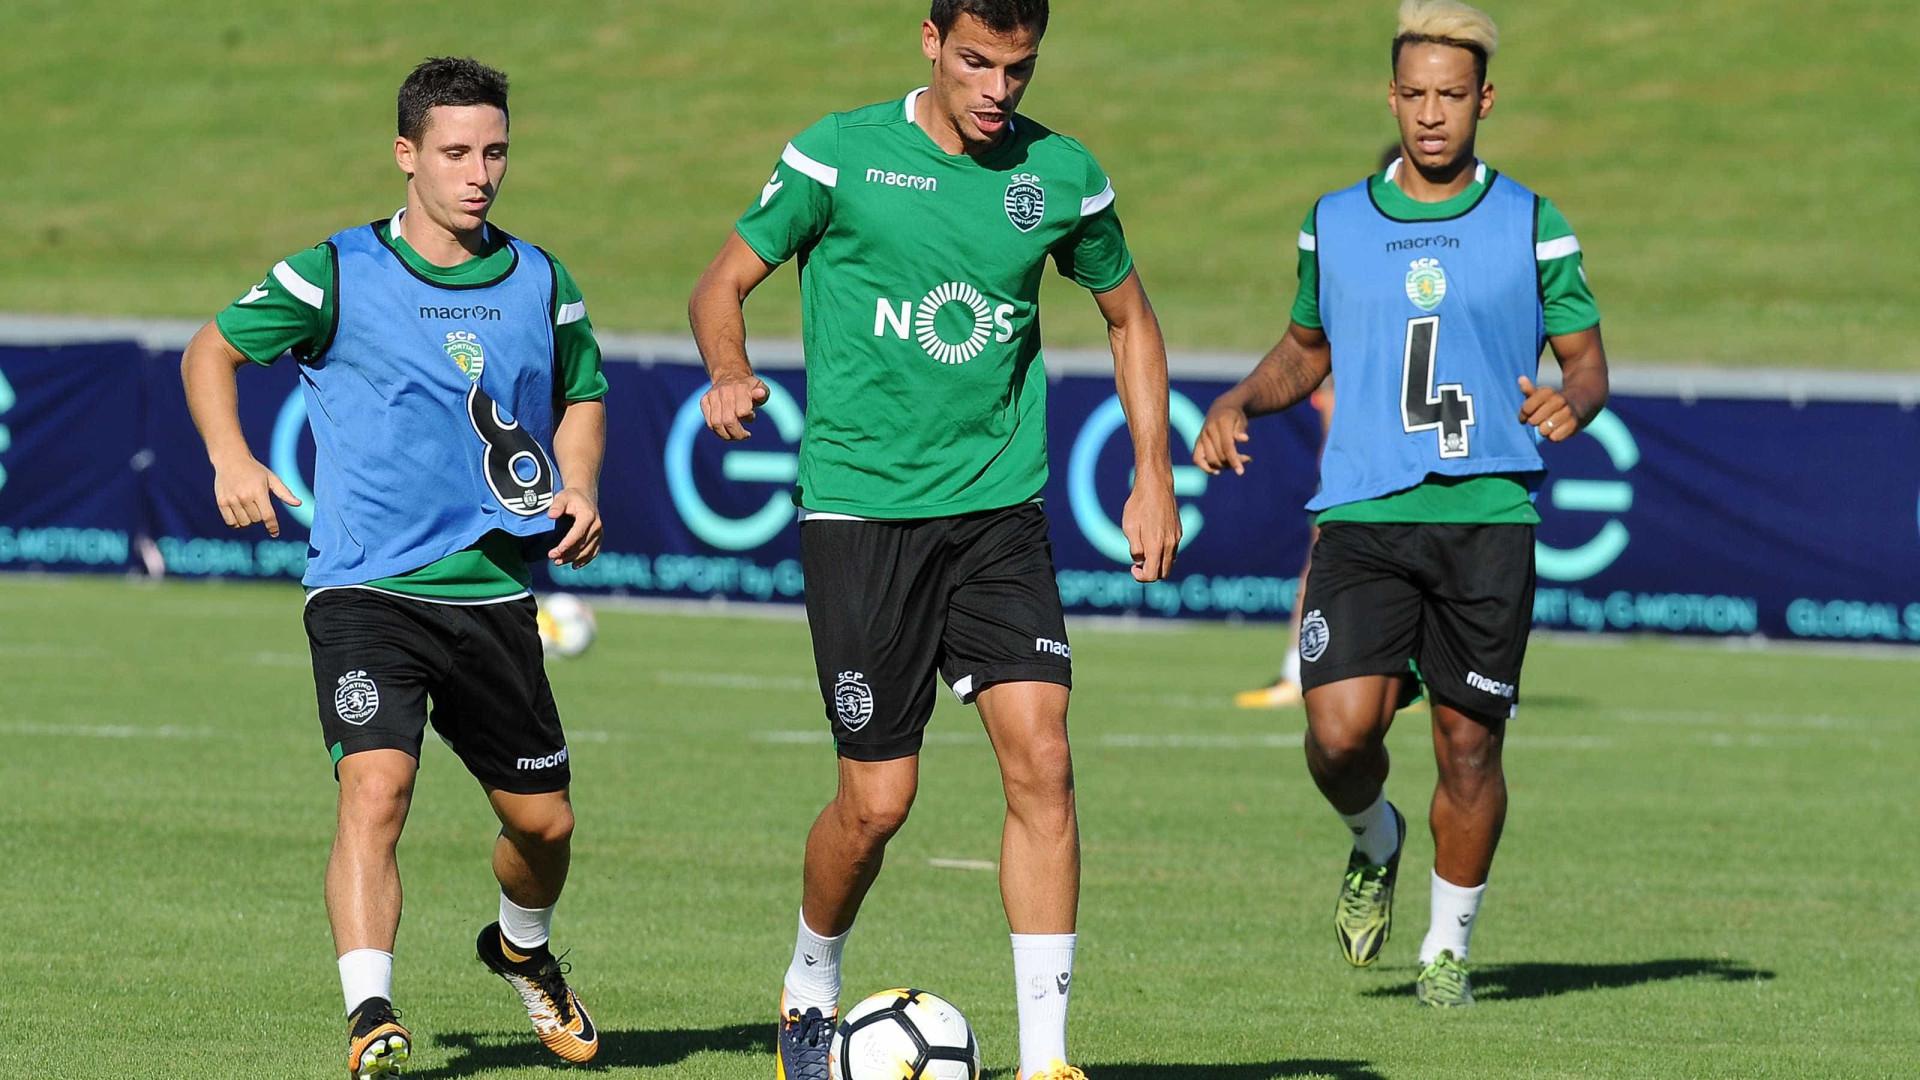 Sporting: André Geraldes muito perto de ser cedido ao Belenenses